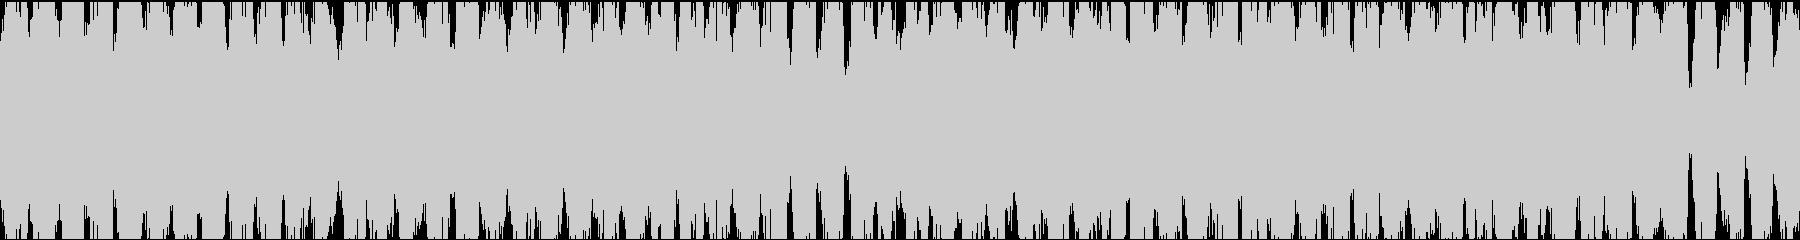 リラックスチルアウト・トロピカルループ7の未再生の波形